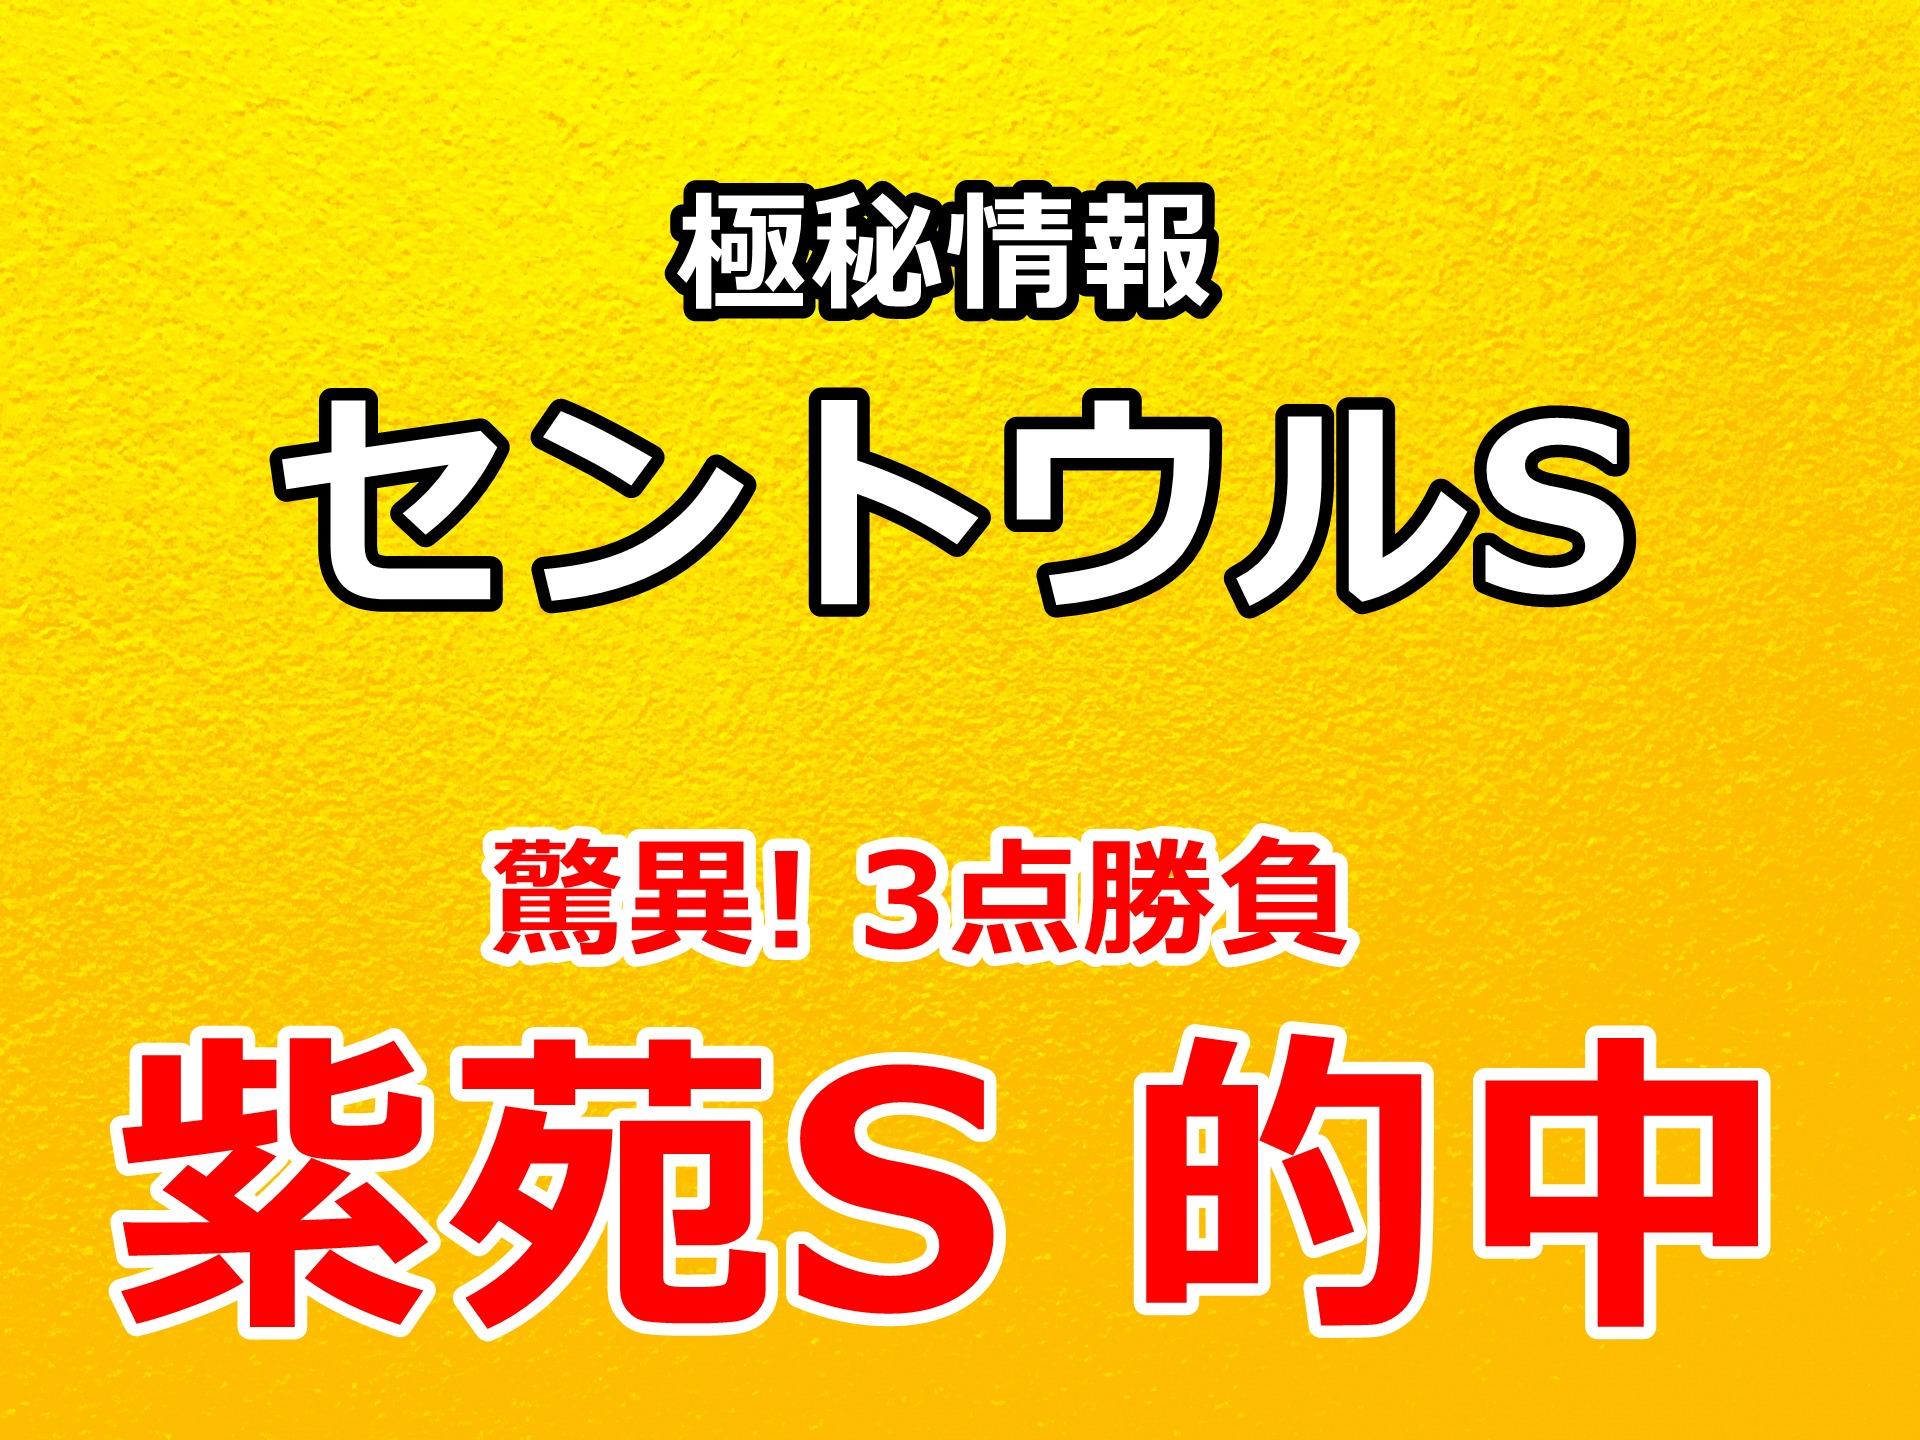 セントウルステークス2020 予想 勝負できる3頭【驚異! 年間回収率 192%】